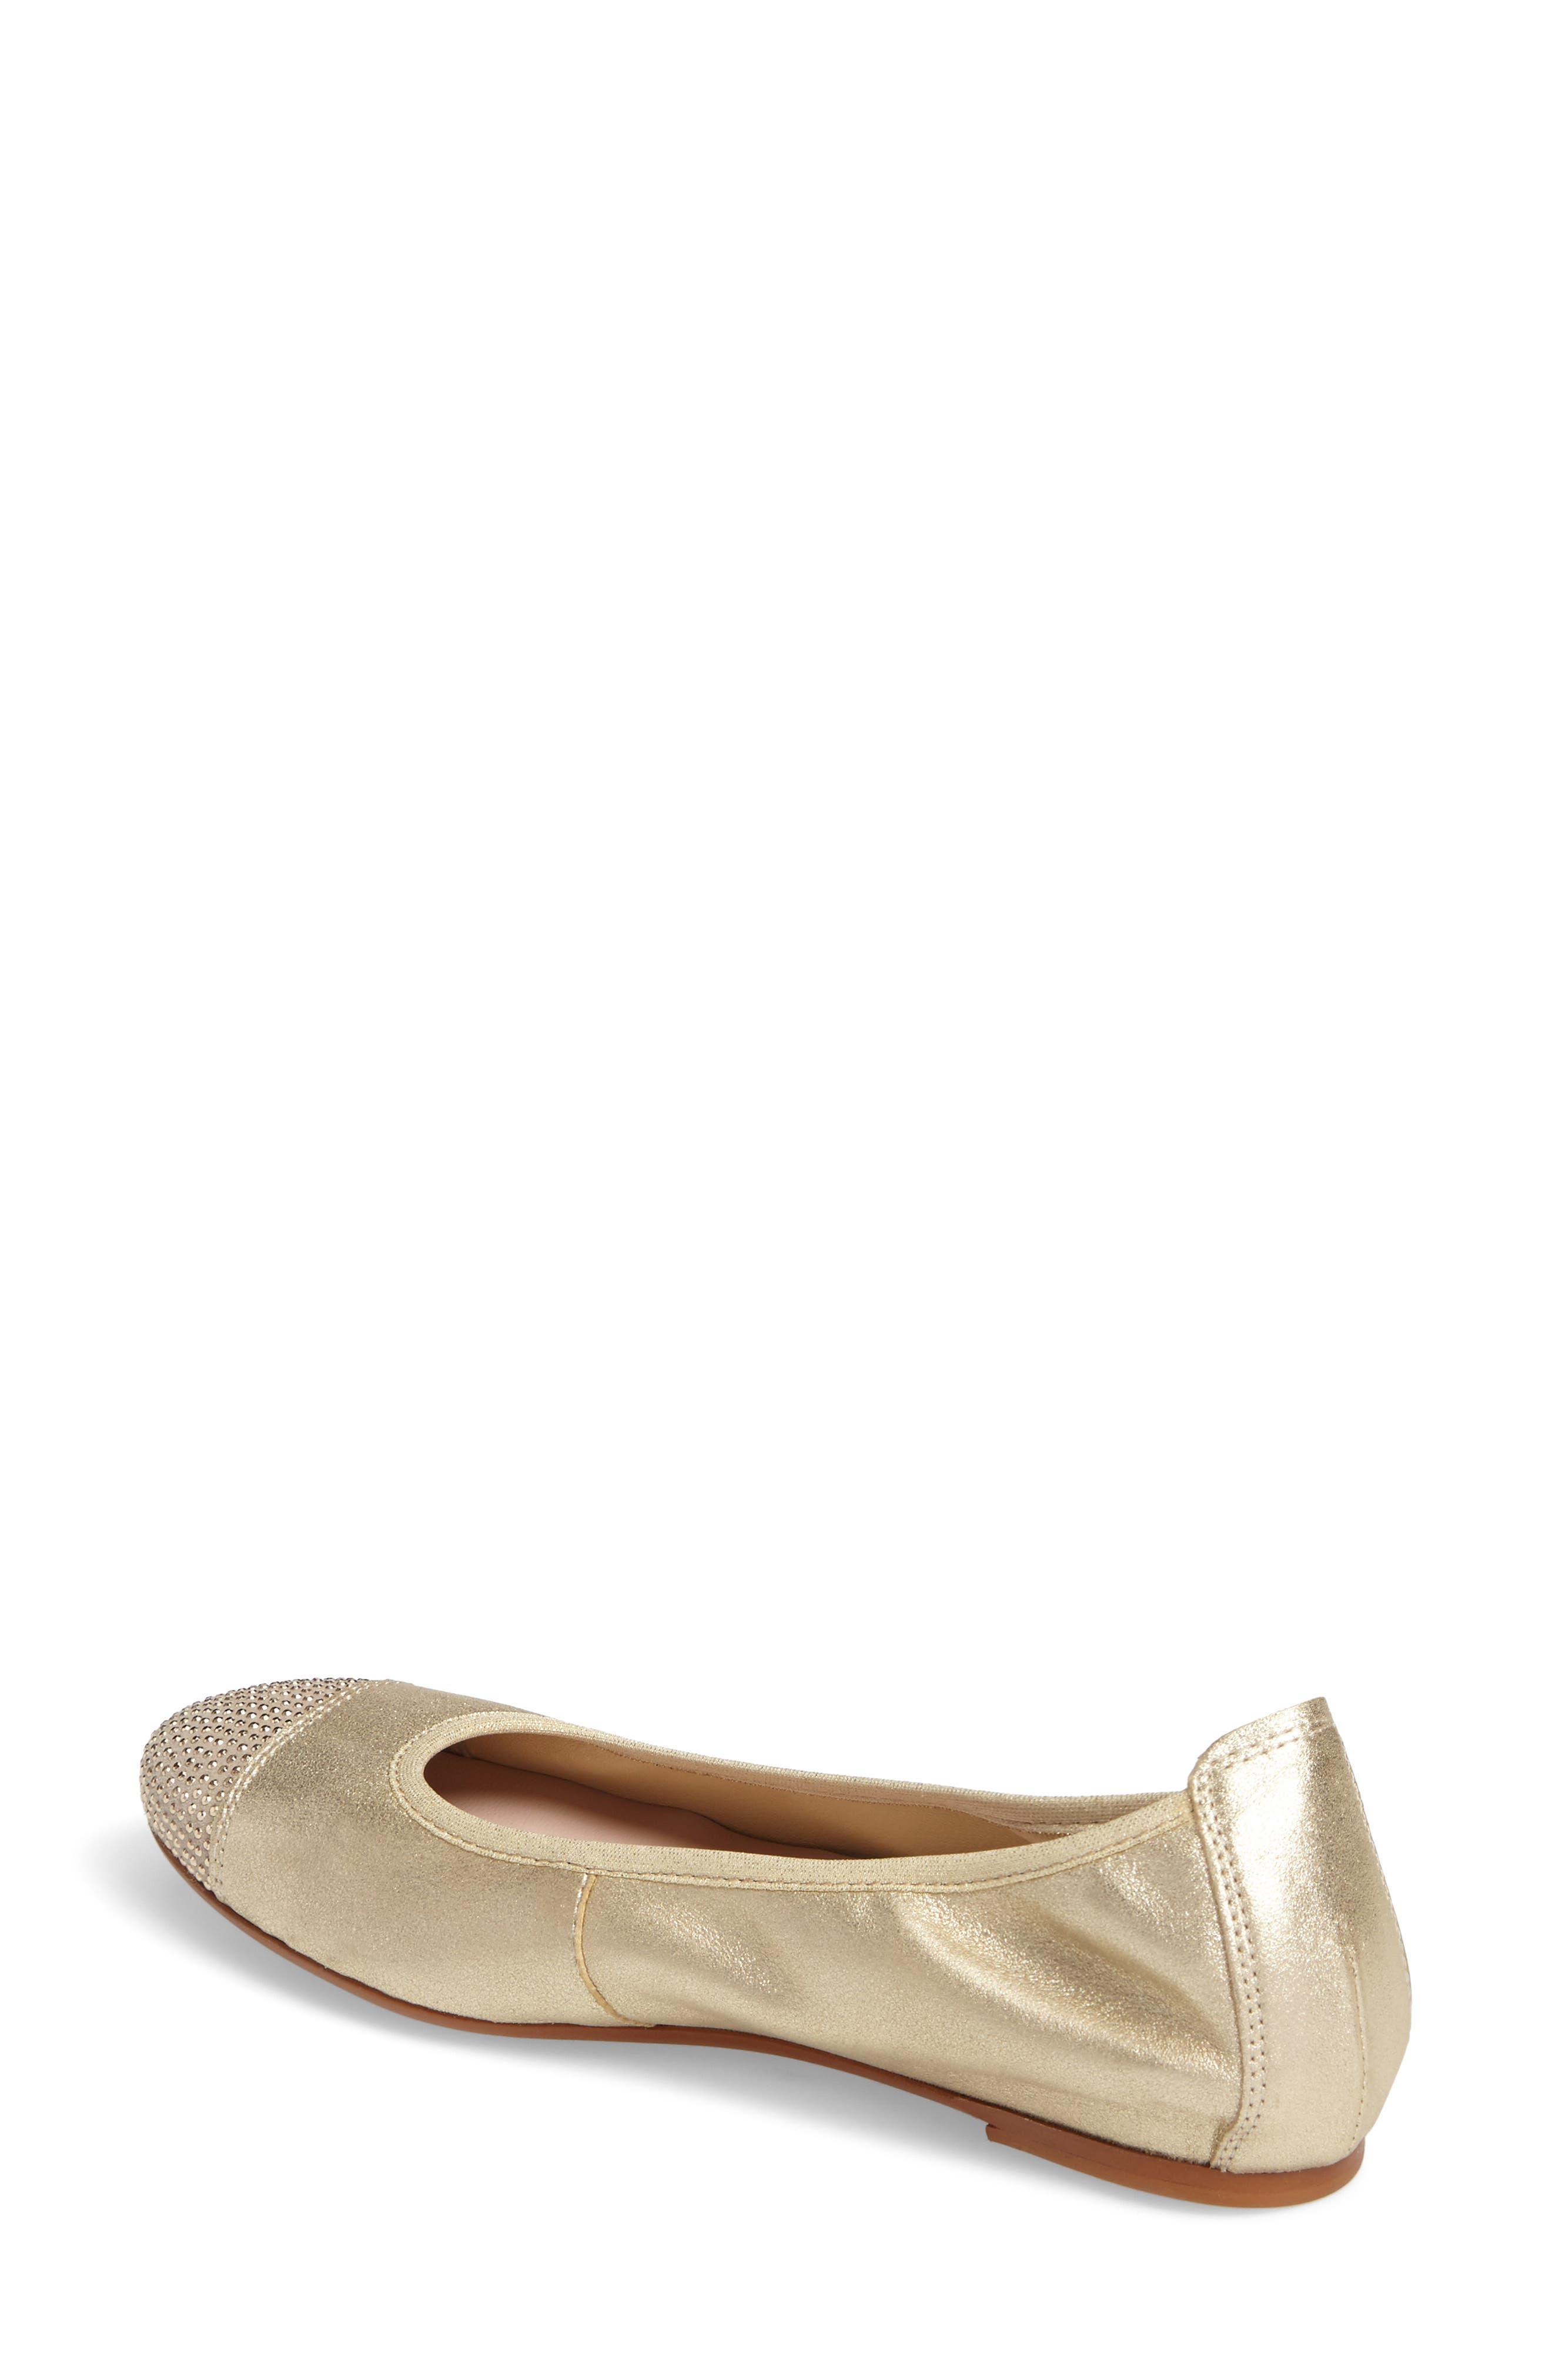 'Starr' Studded Ballet Flat,                             Alternate thumbnail 7, color,